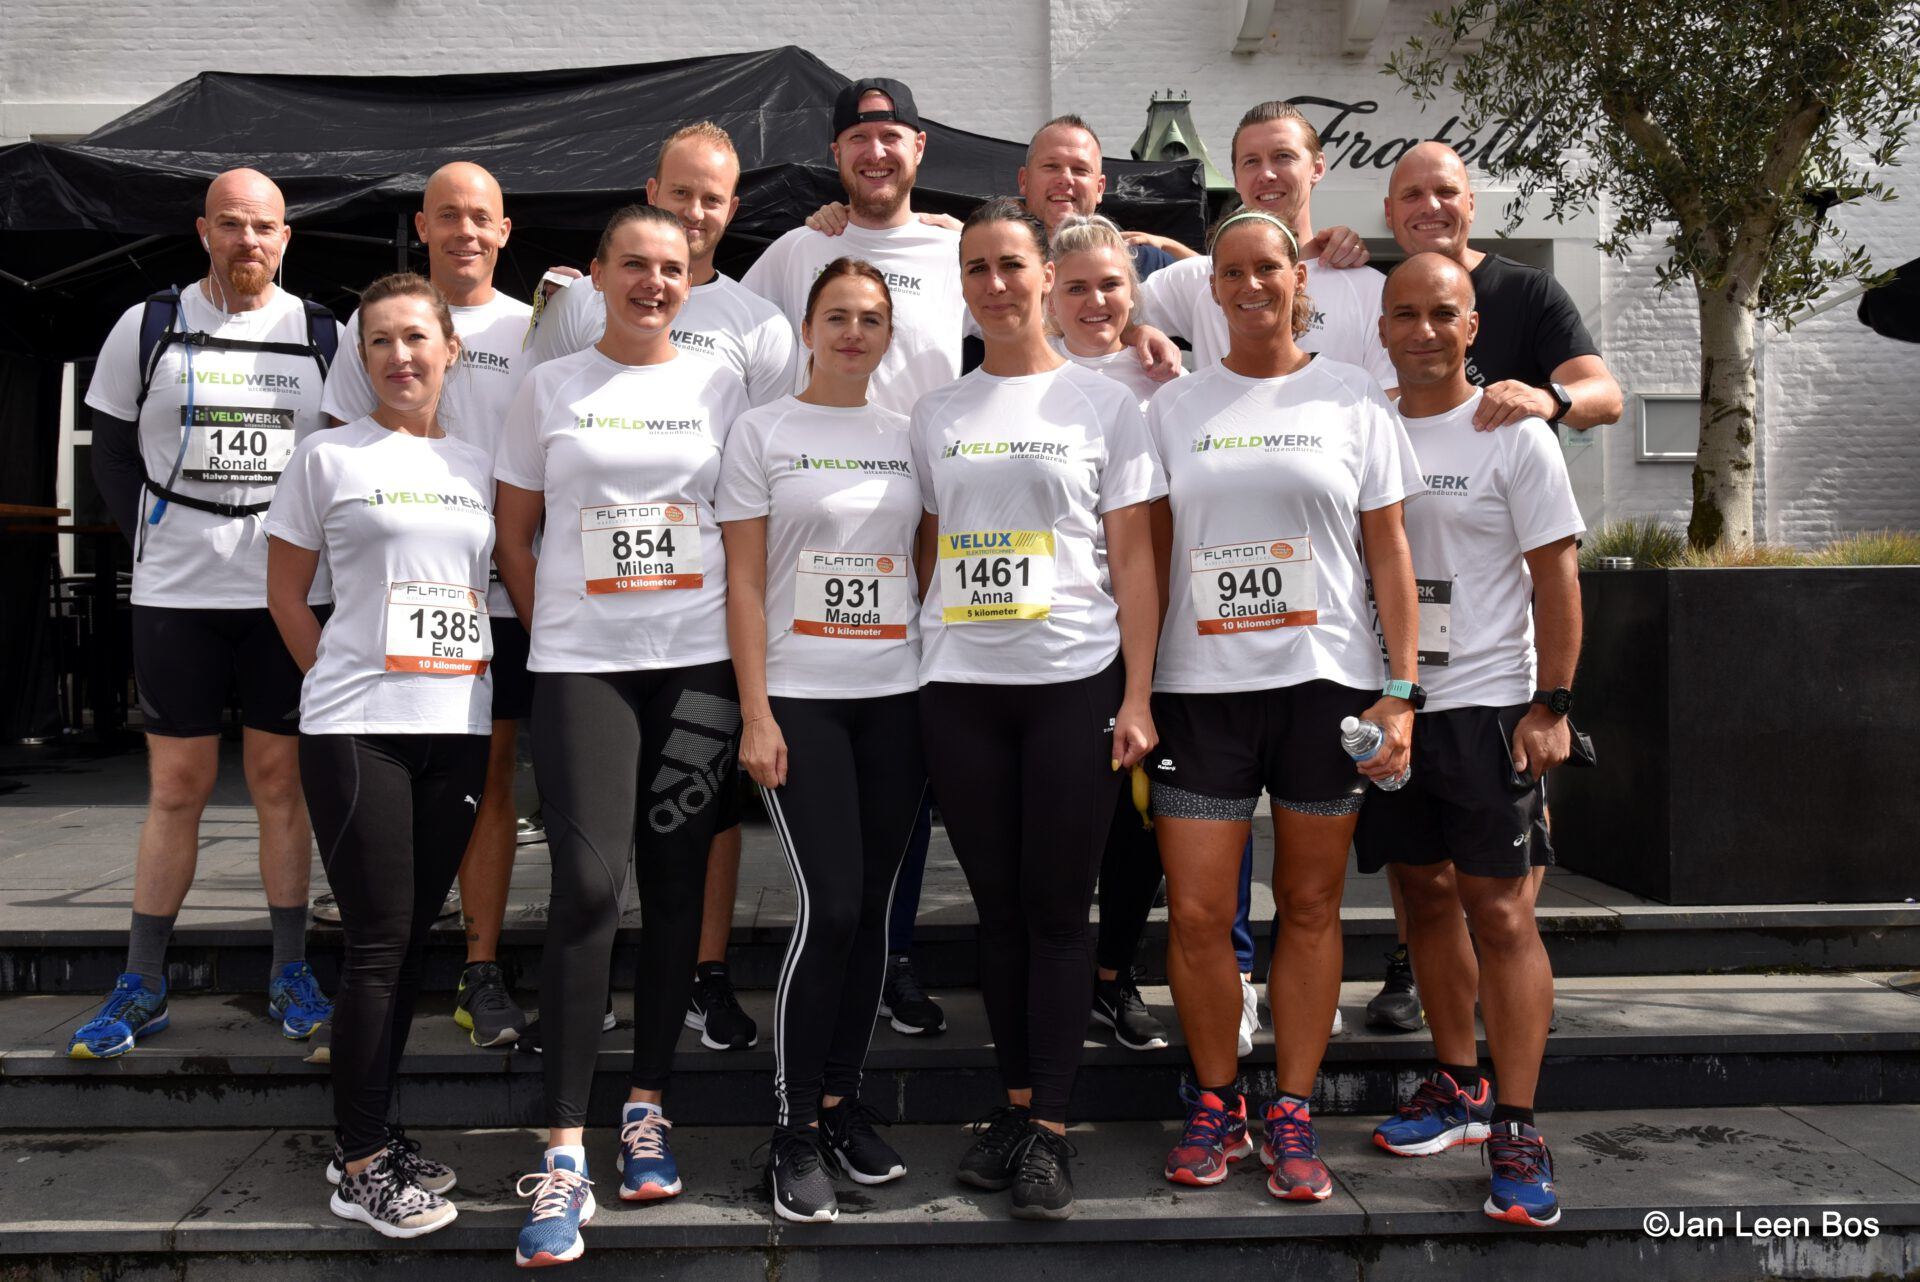 Bedrijventeam dat meedoet aan de Veldwerk Halve Marathon Oostland